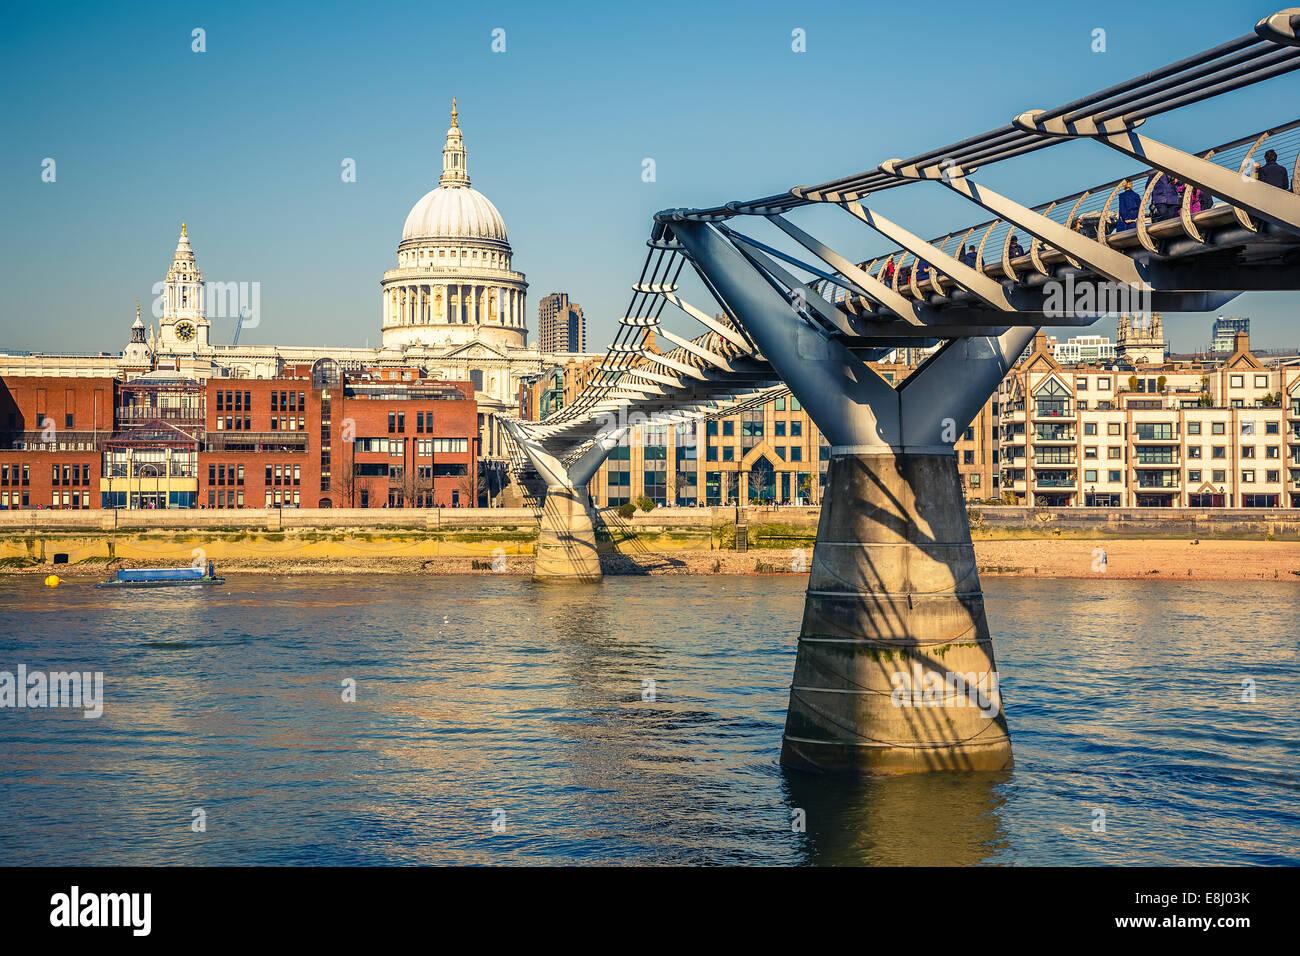 Millennium bridge in London - Stock Image